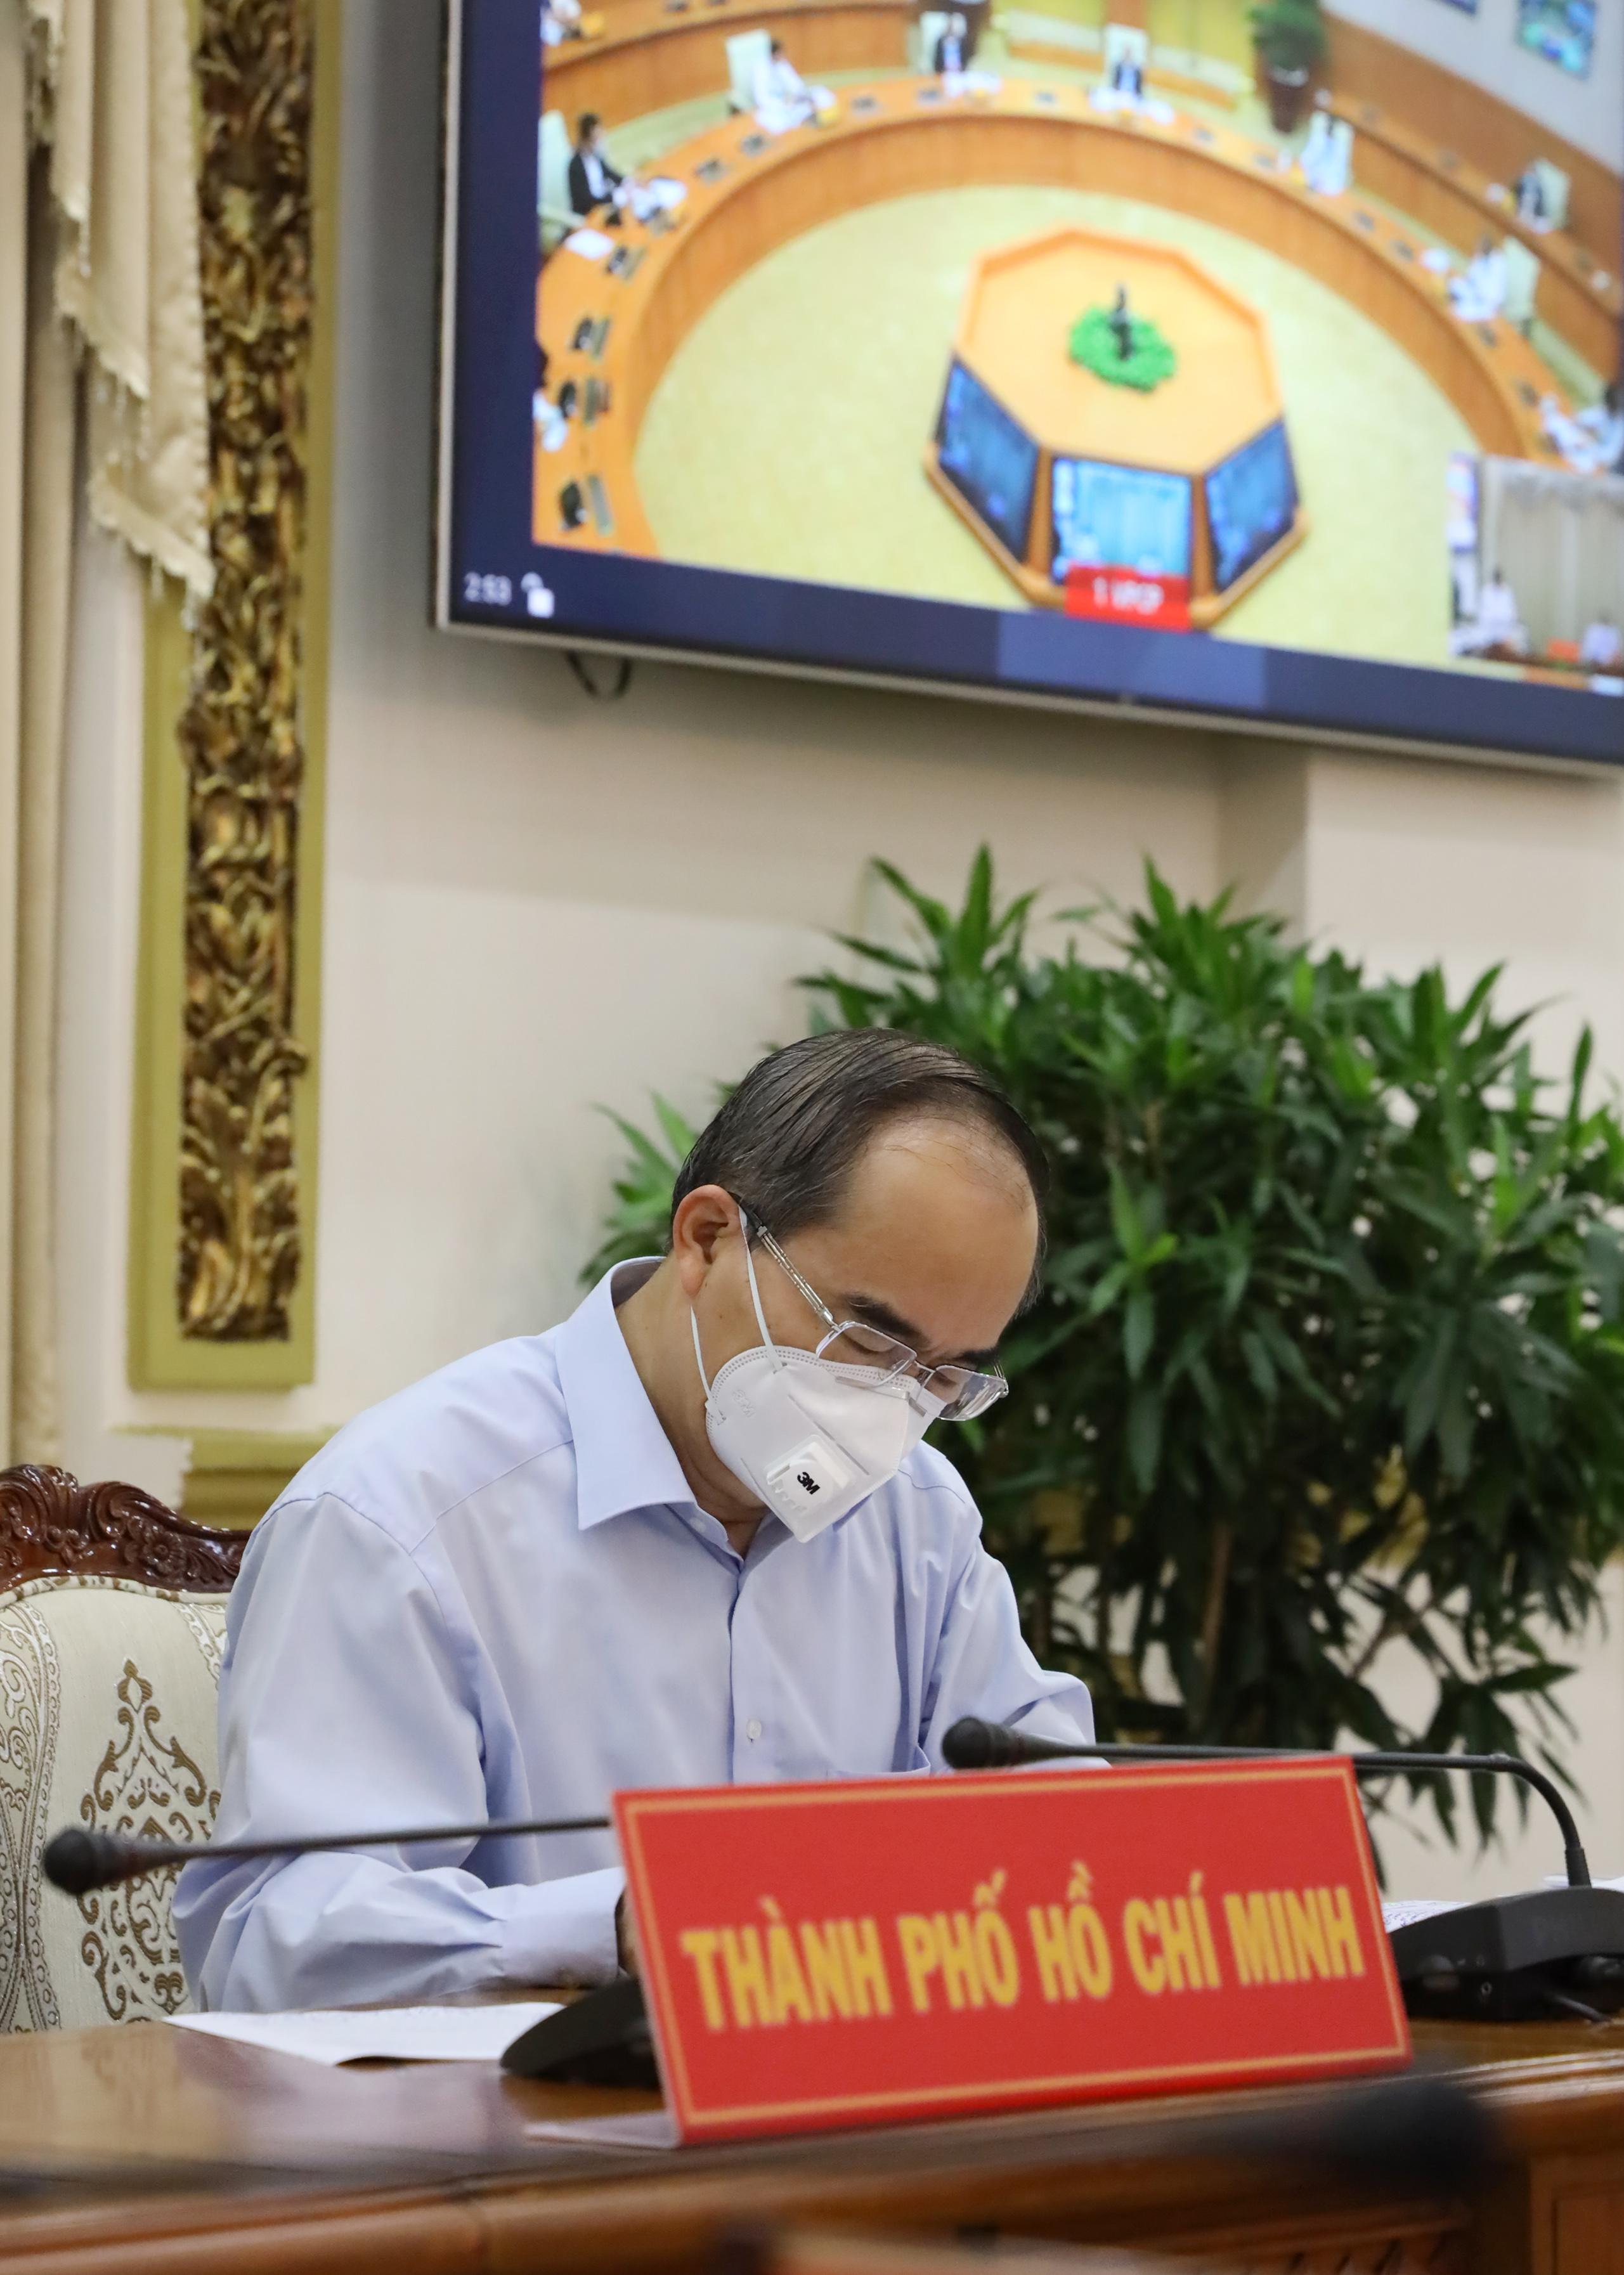 Bí thư Thành ủy TP. Hồ Chí Minh Nguyễn Thiện Nhân tham dự hội nghị /Ảnh: Đình Nguyên